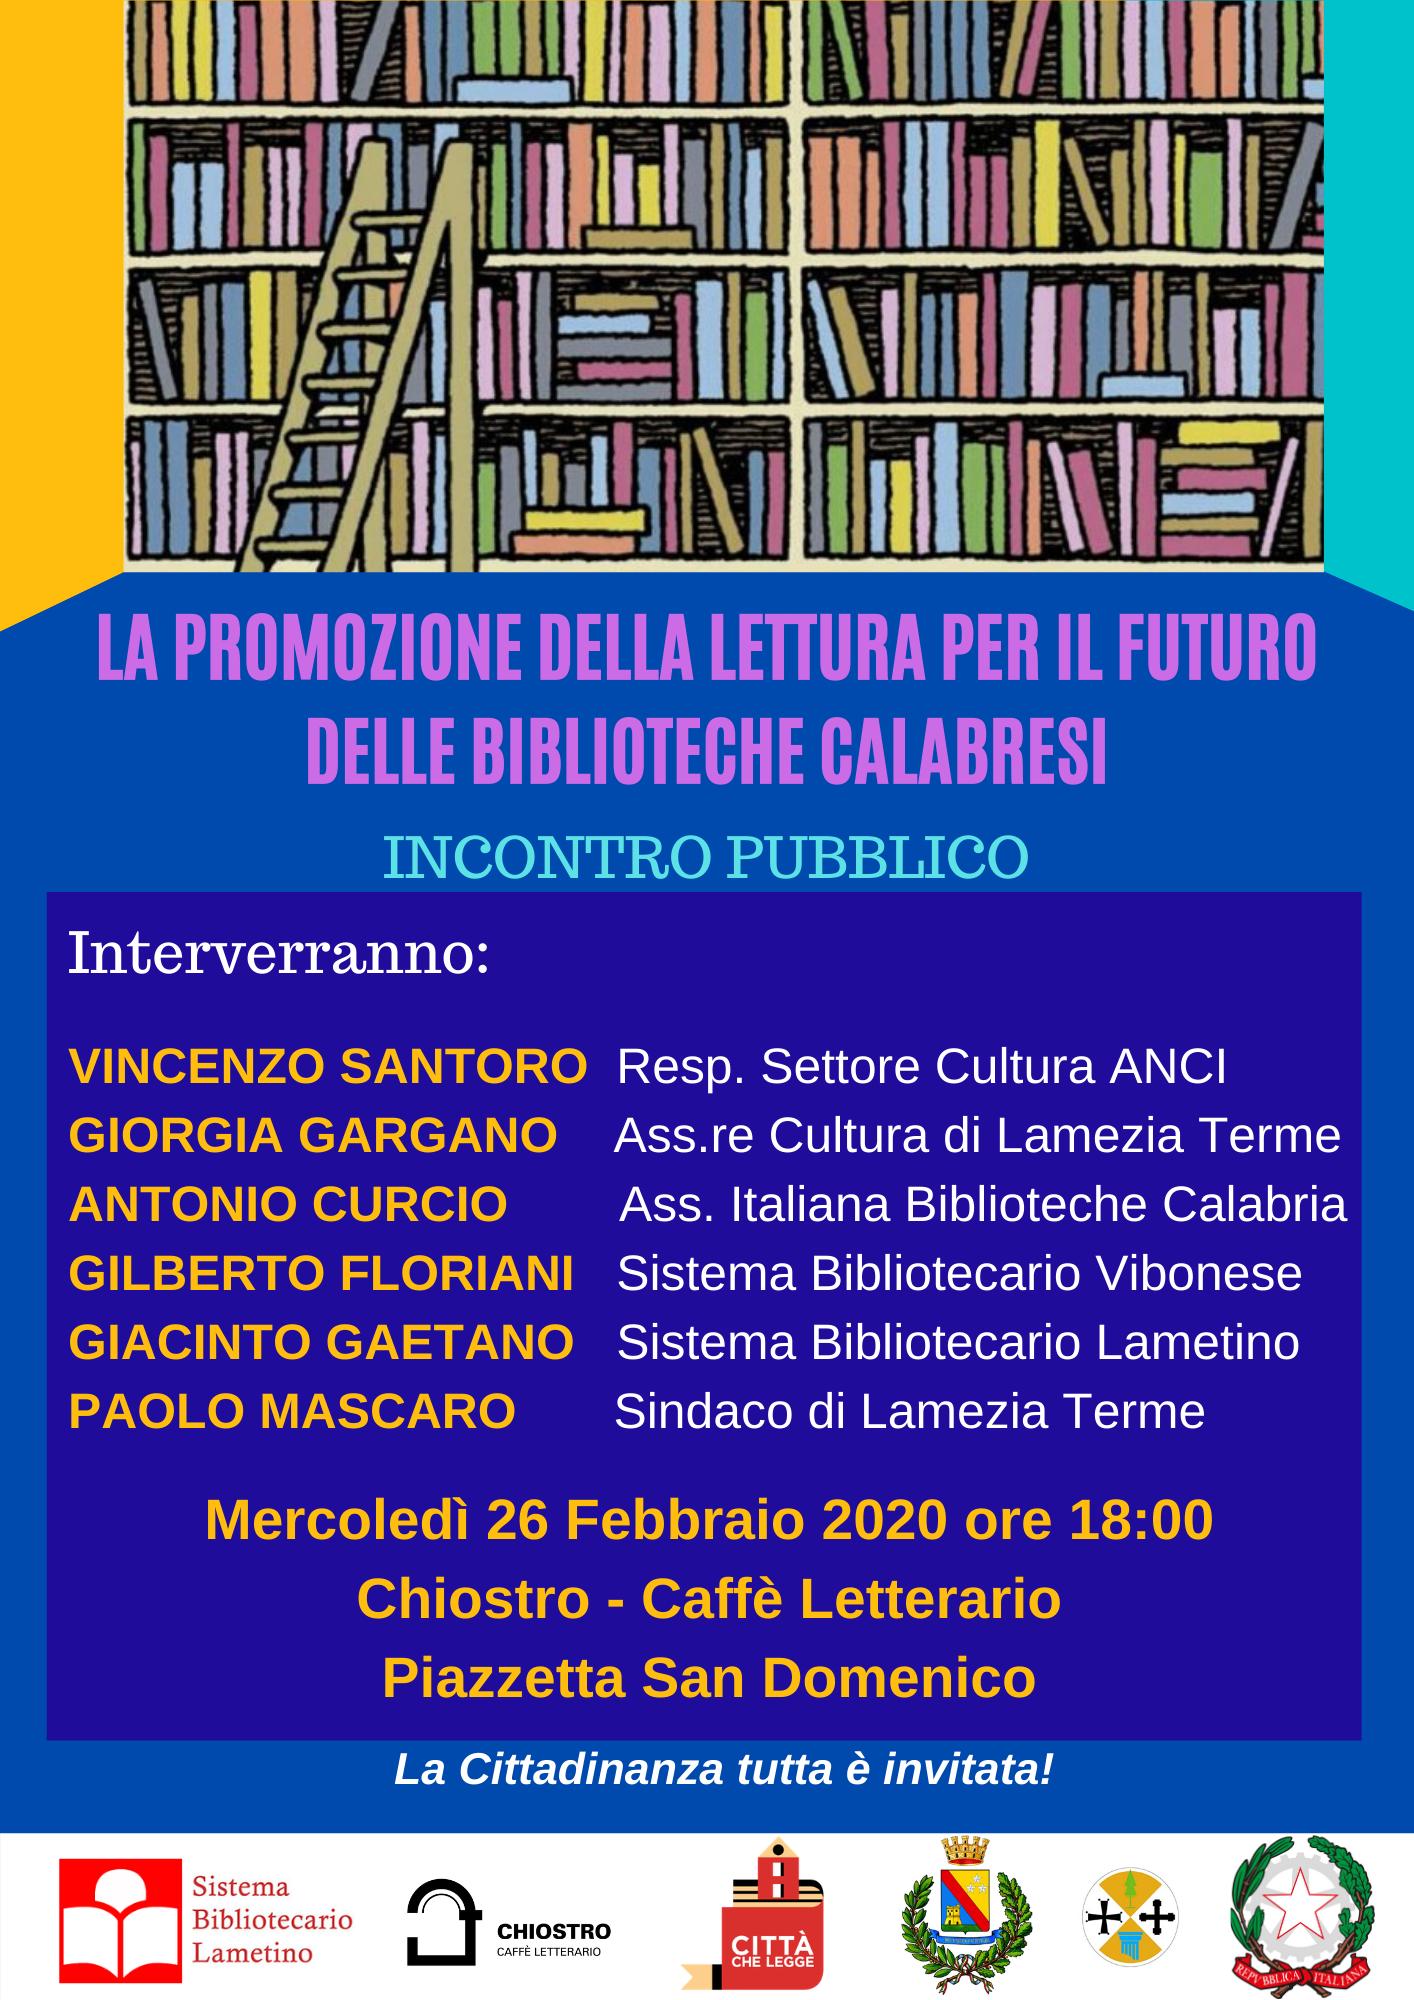 La promozione della lettura per il futuro delle biblioteche Calabresi